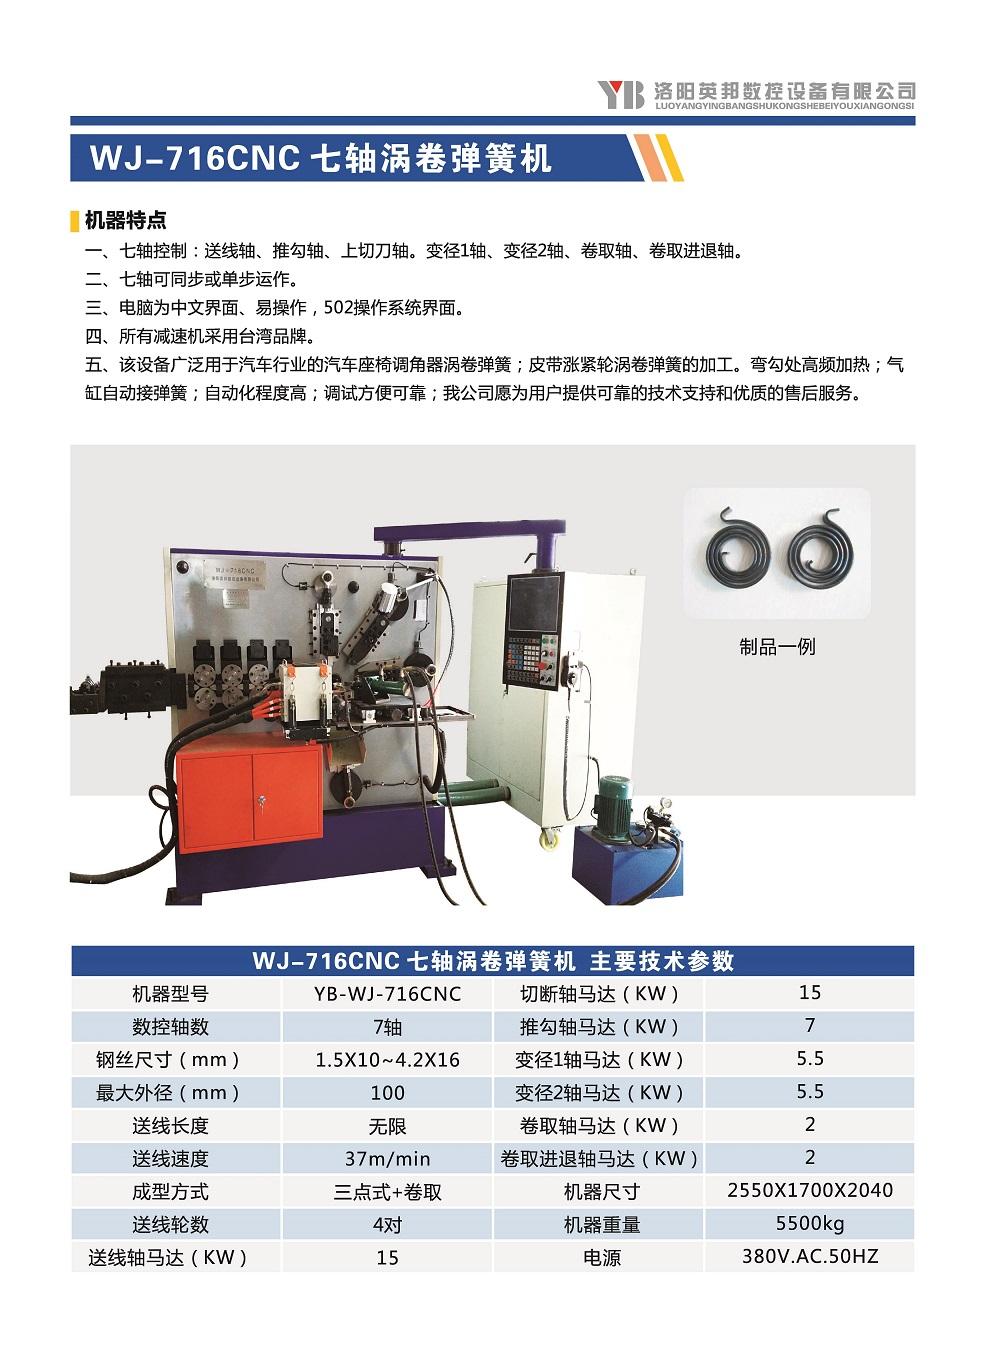 八轴电脑涡卷弹簧机生产厂家/弹簧/洛阳英邦数控设备有限公司